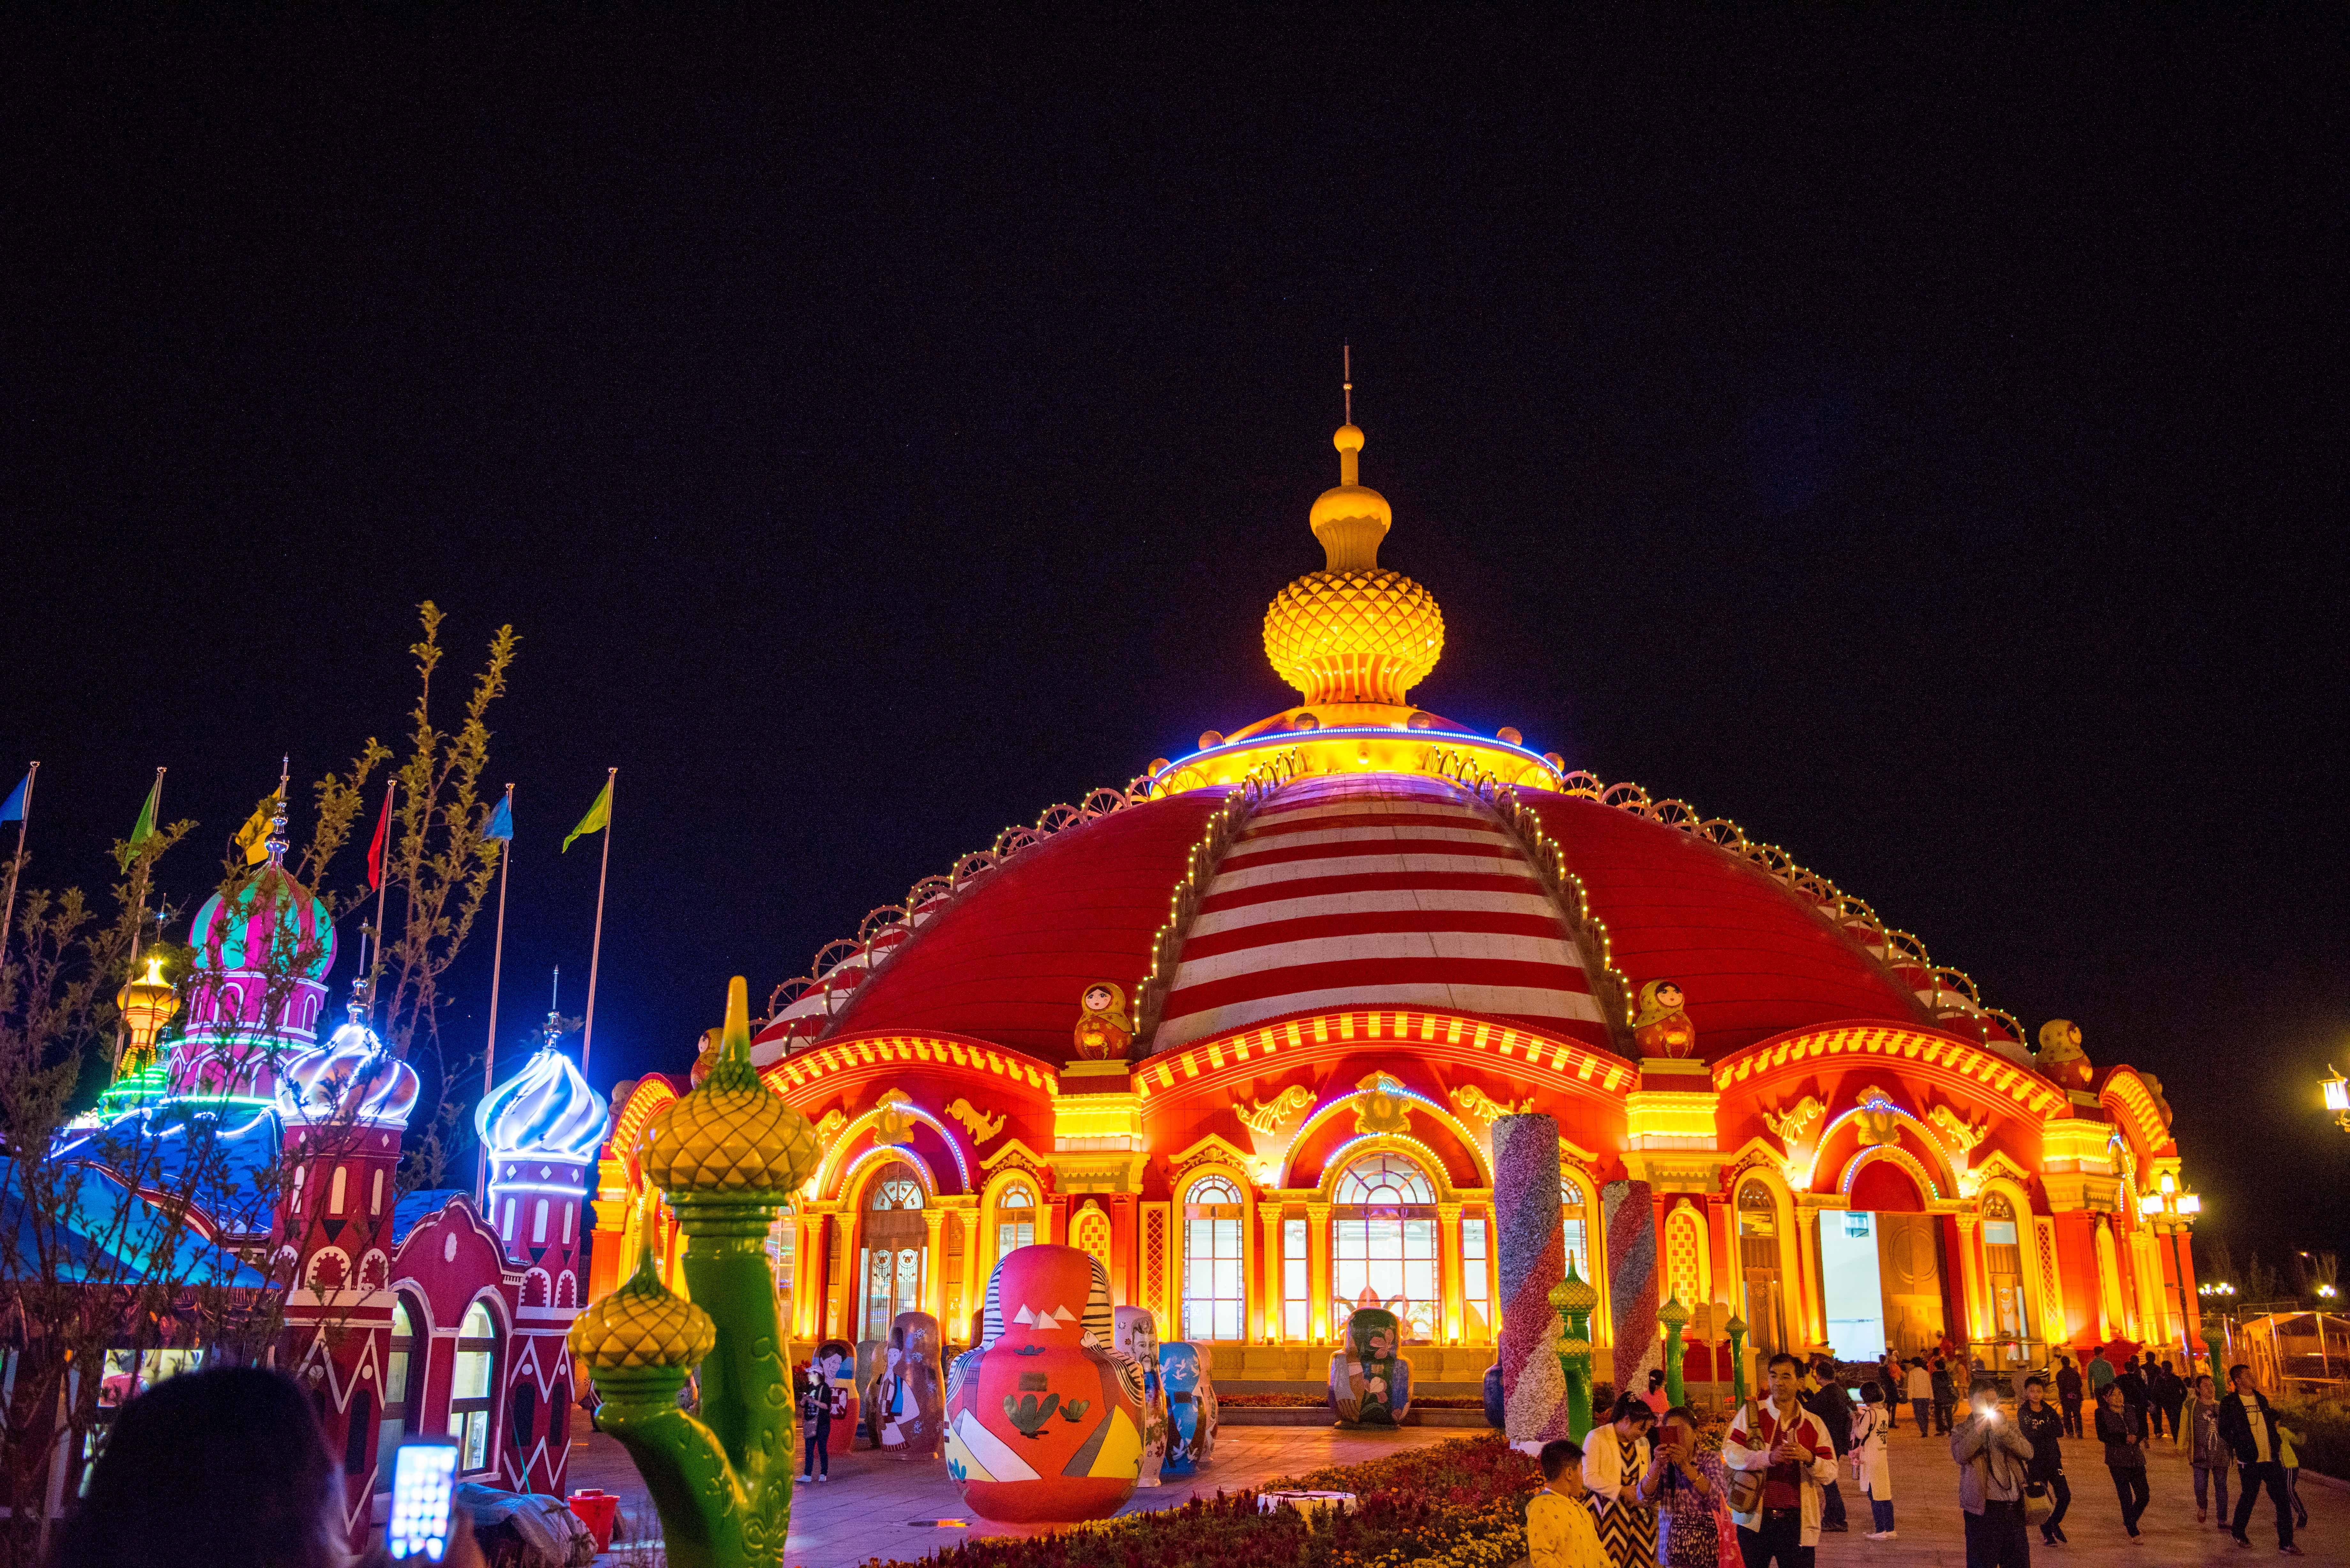 套娃广场是满洲里市的标志性旅游景点,也是全国唯一以俄罗斯传统工艺